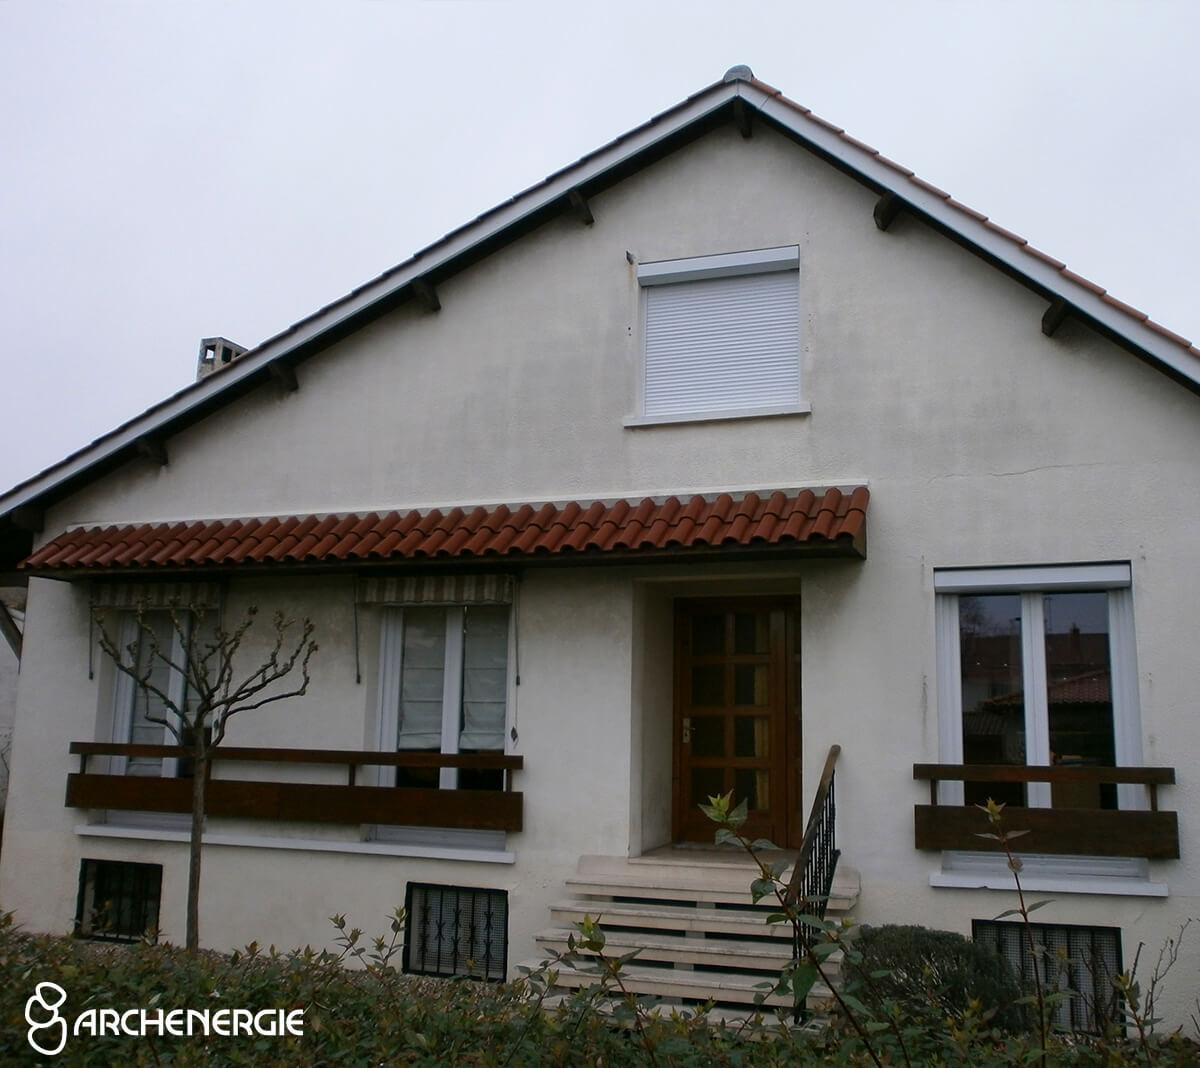 maison bordeaux bastide gironde 33 avant travaux d'isolation thermique par l'extérieur ITE